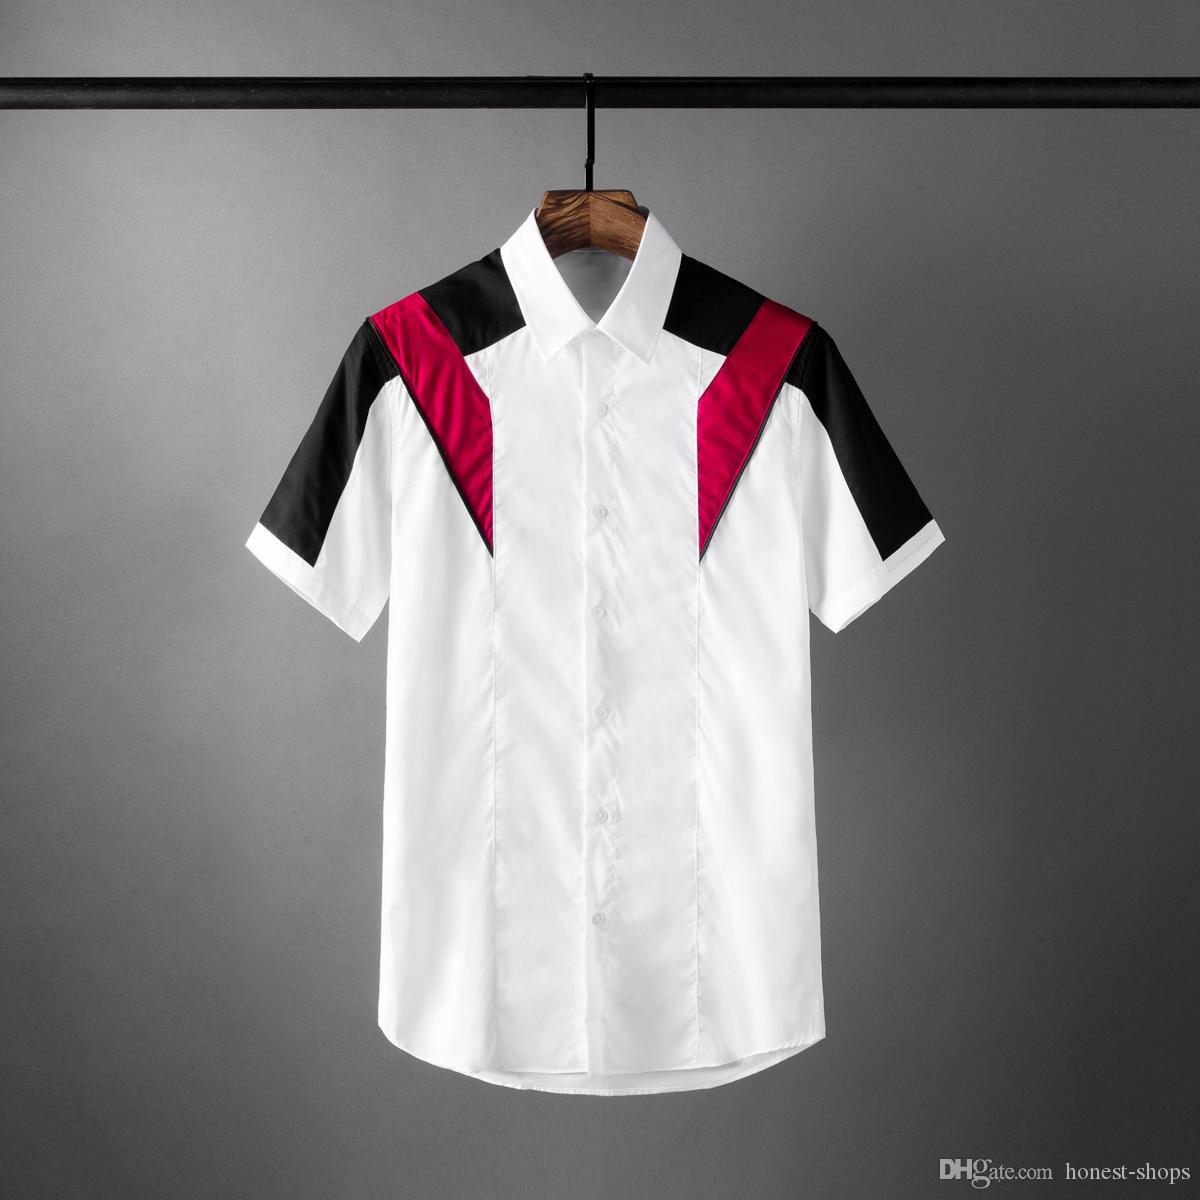 New Contraste Mens Cor camisas de luxo de manga curta emenda Casual Mens camisas de vestido de moda Slim Fit homem de partido Shirts